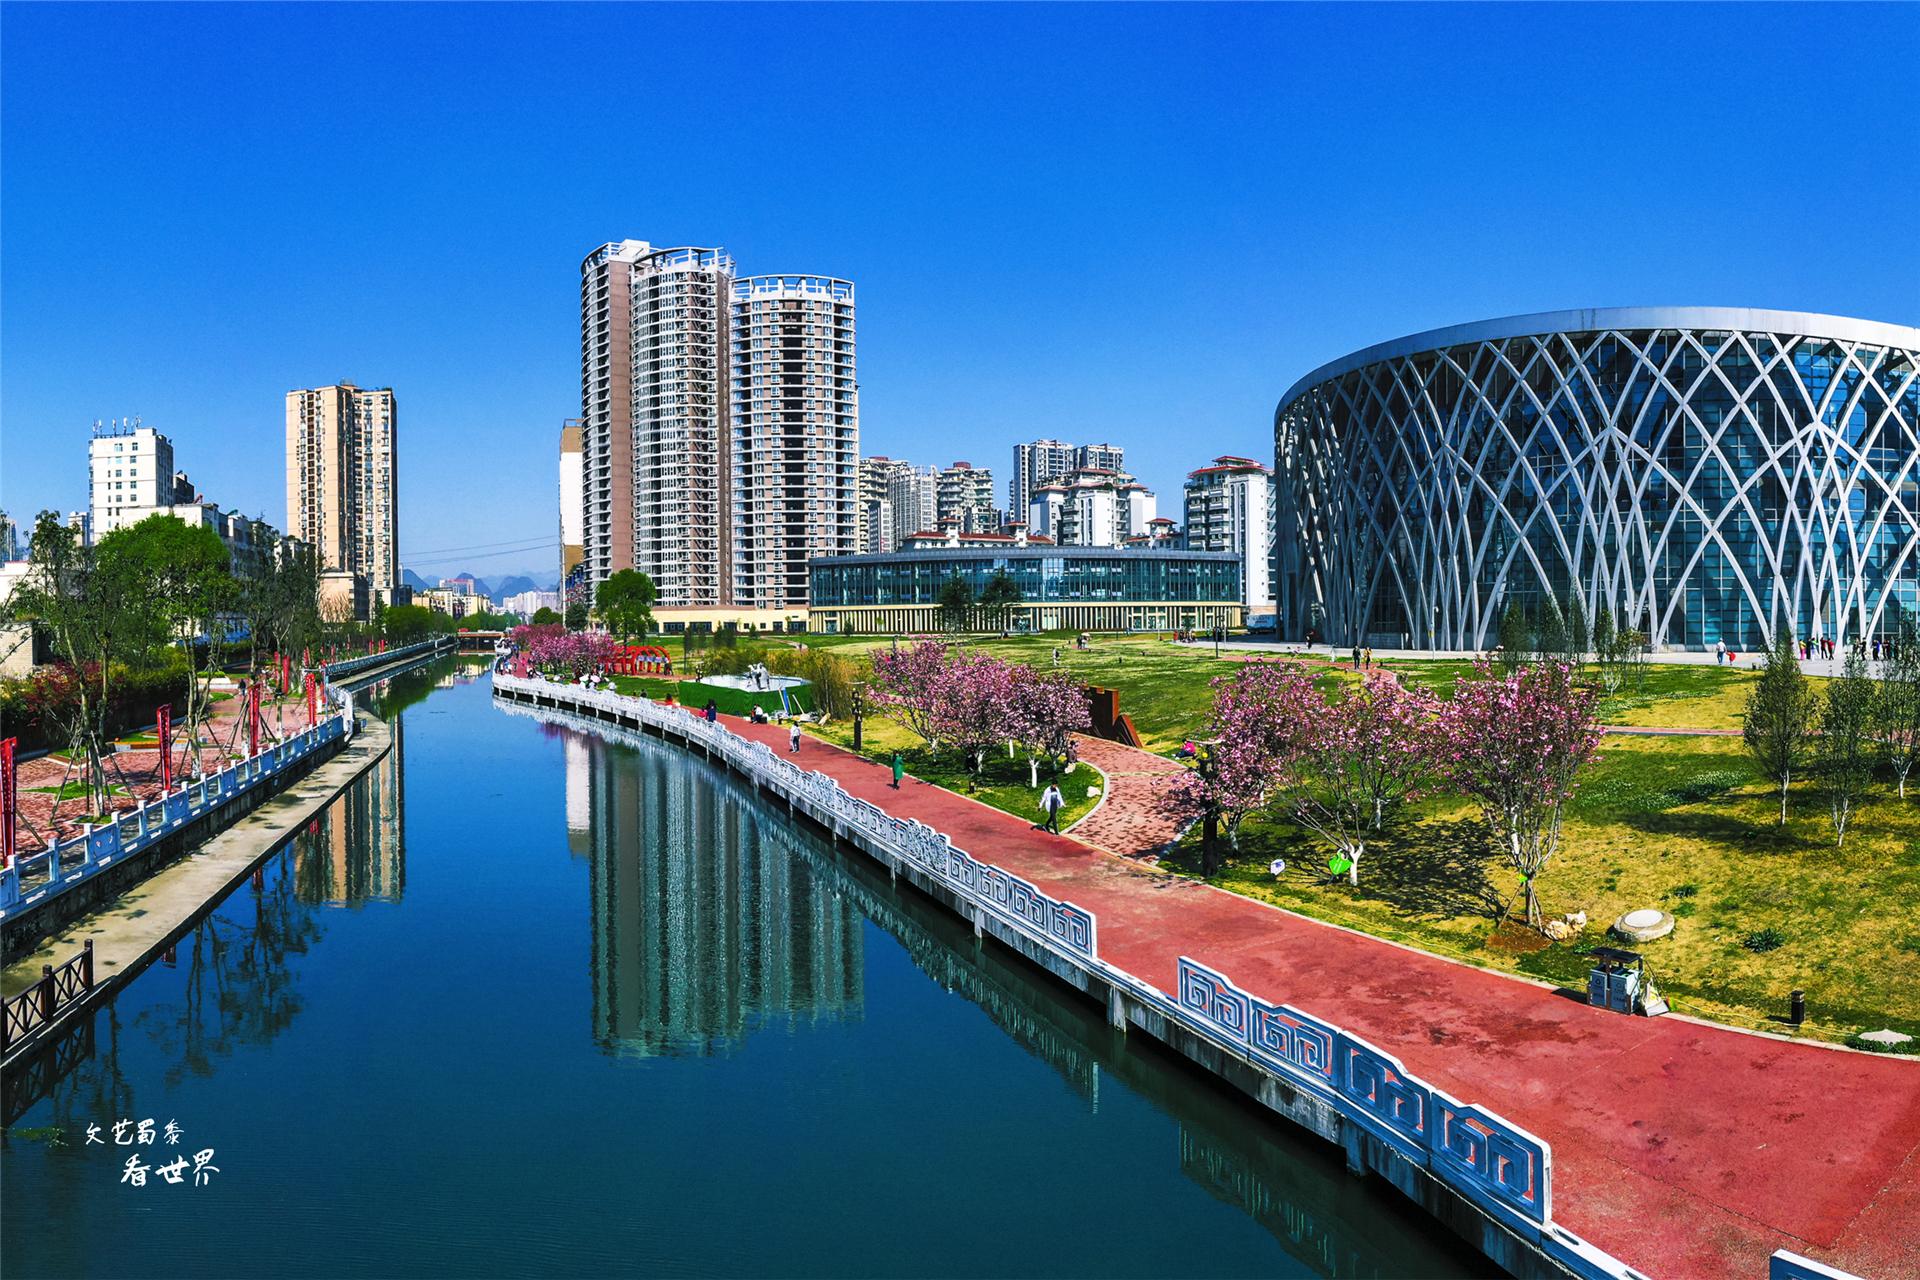 7、8月份中国最适合避暑的3个地方,19°不用开空调,睡觉要盖被子